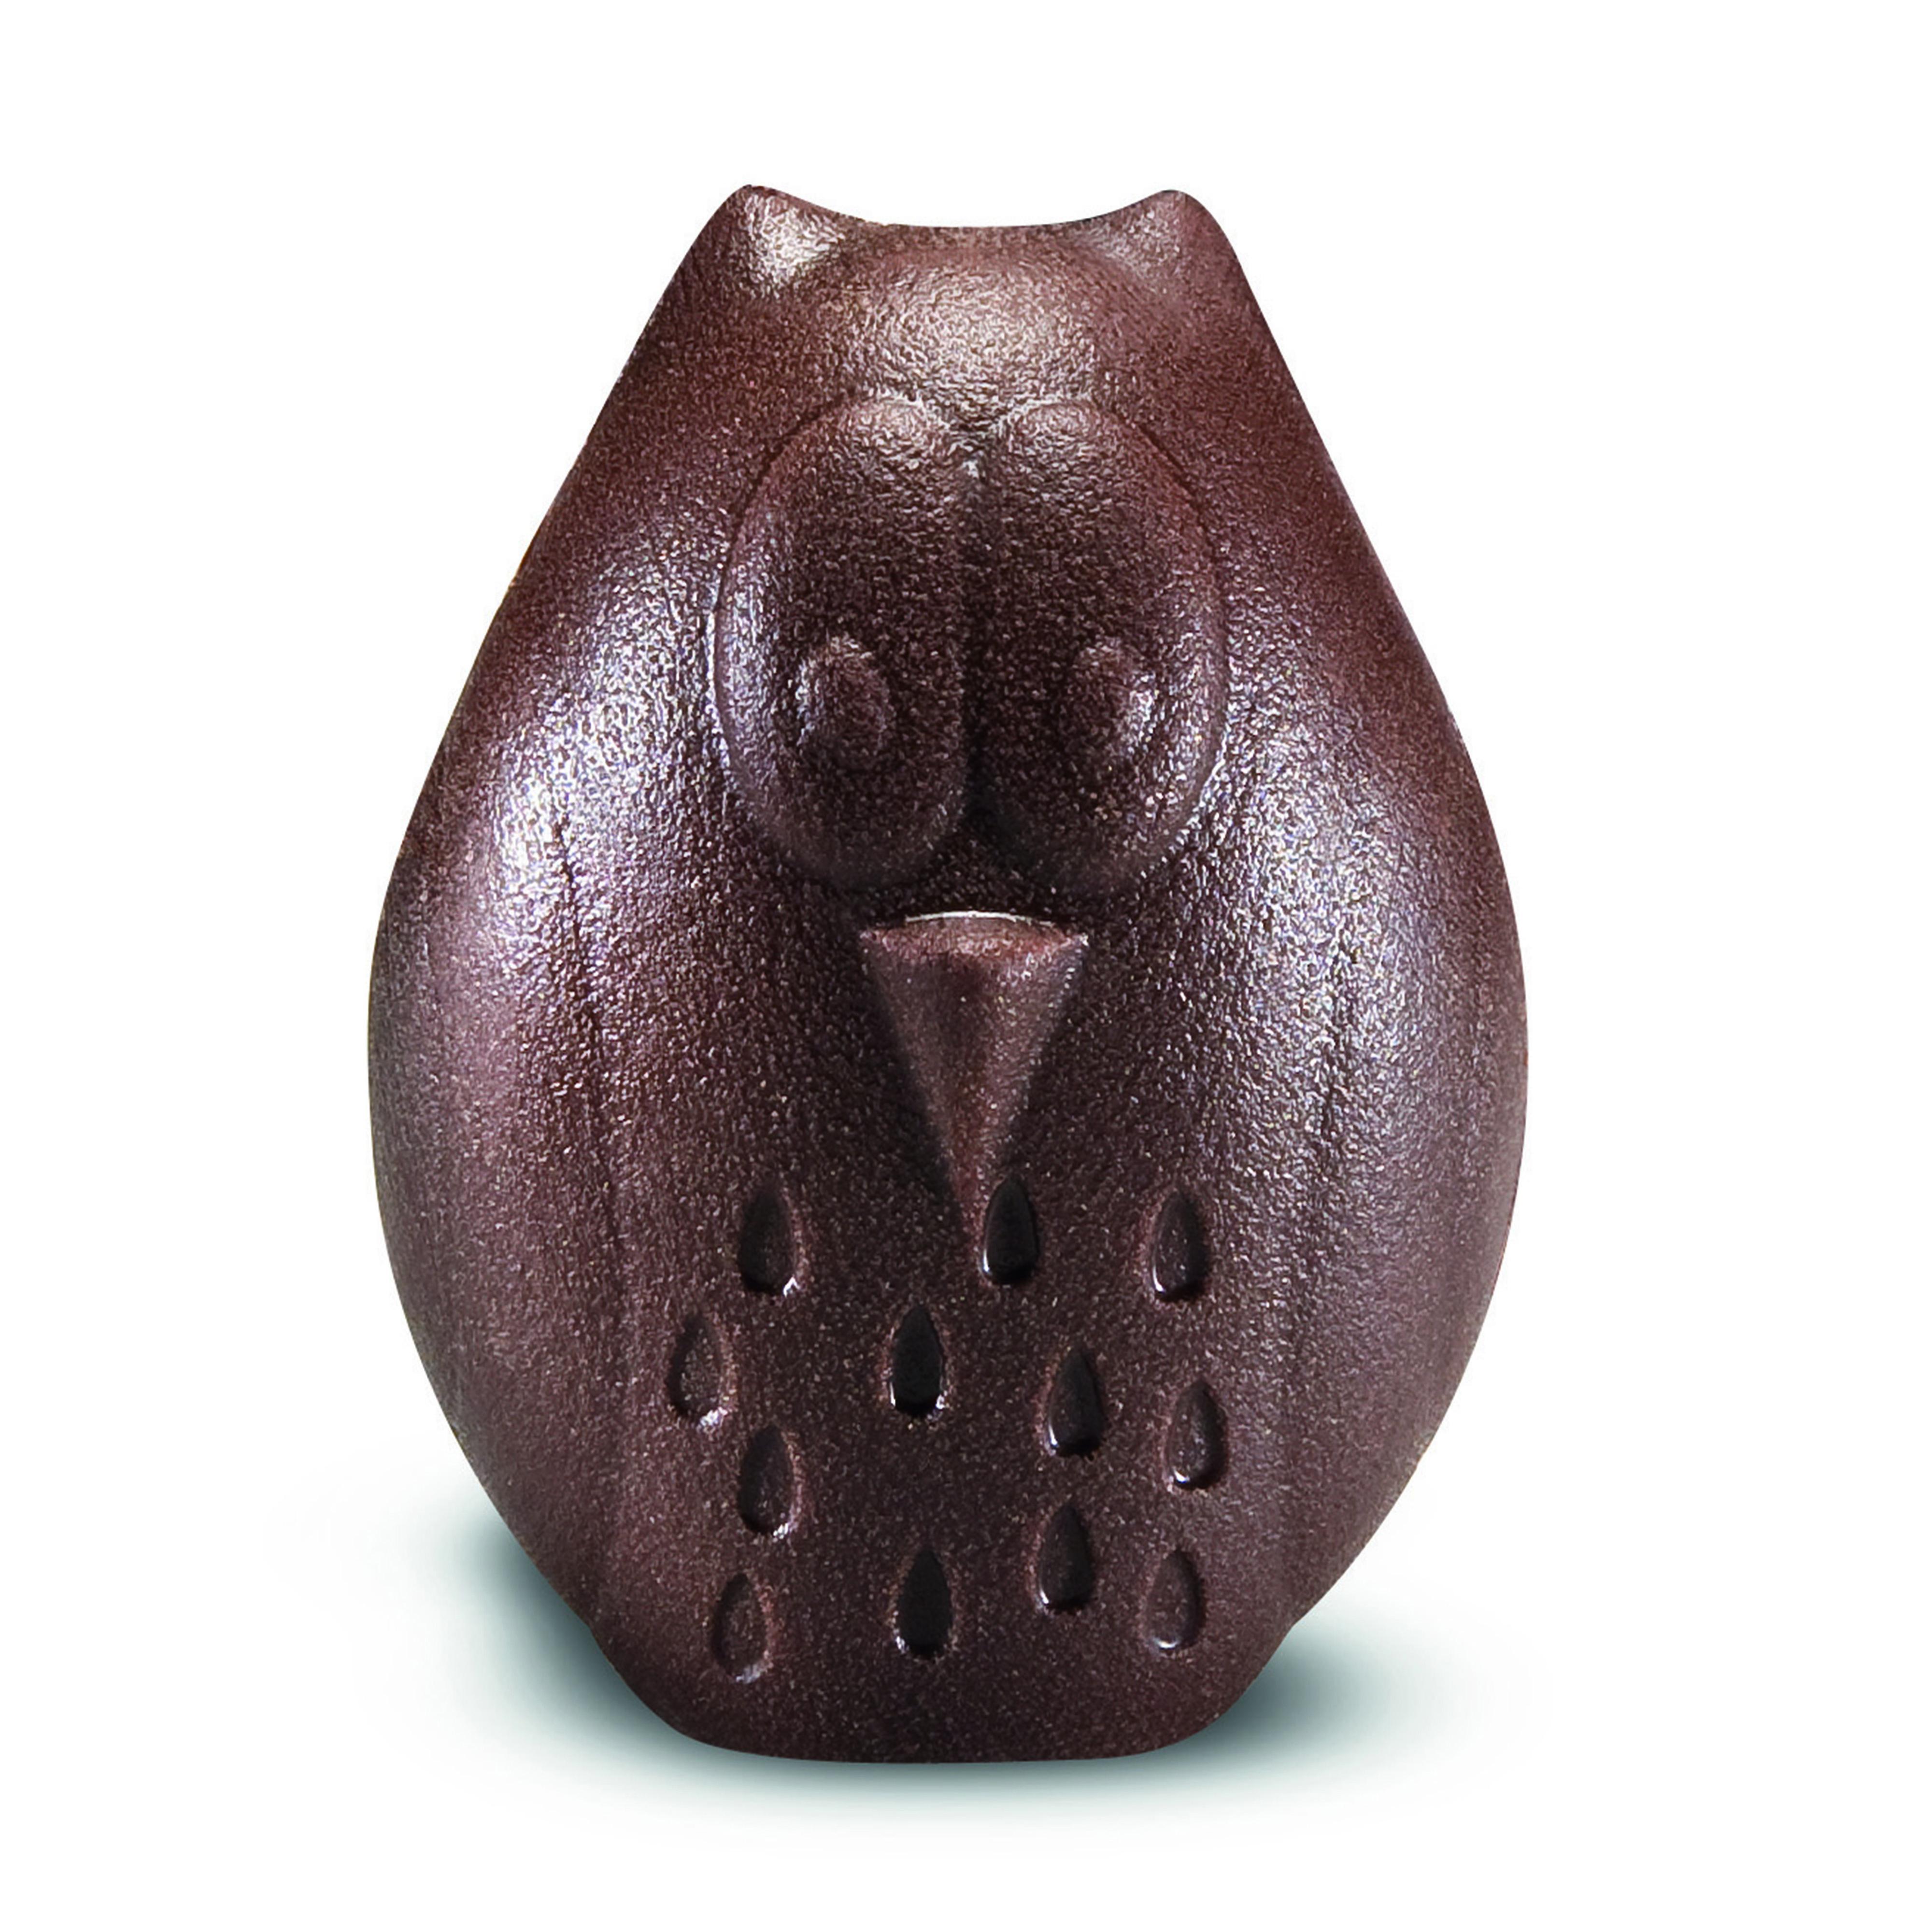 'Hibou' mold (15 cm)